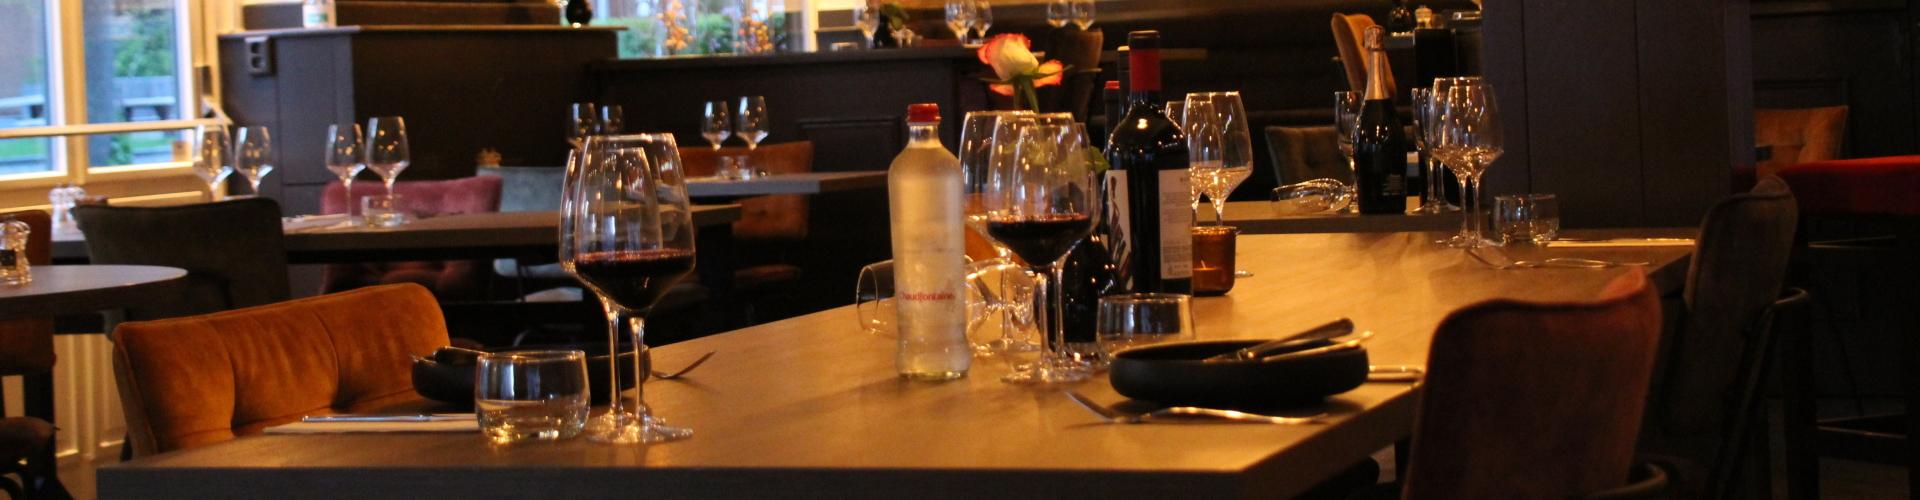 Restaurant Beleef Vught tafel reserveren